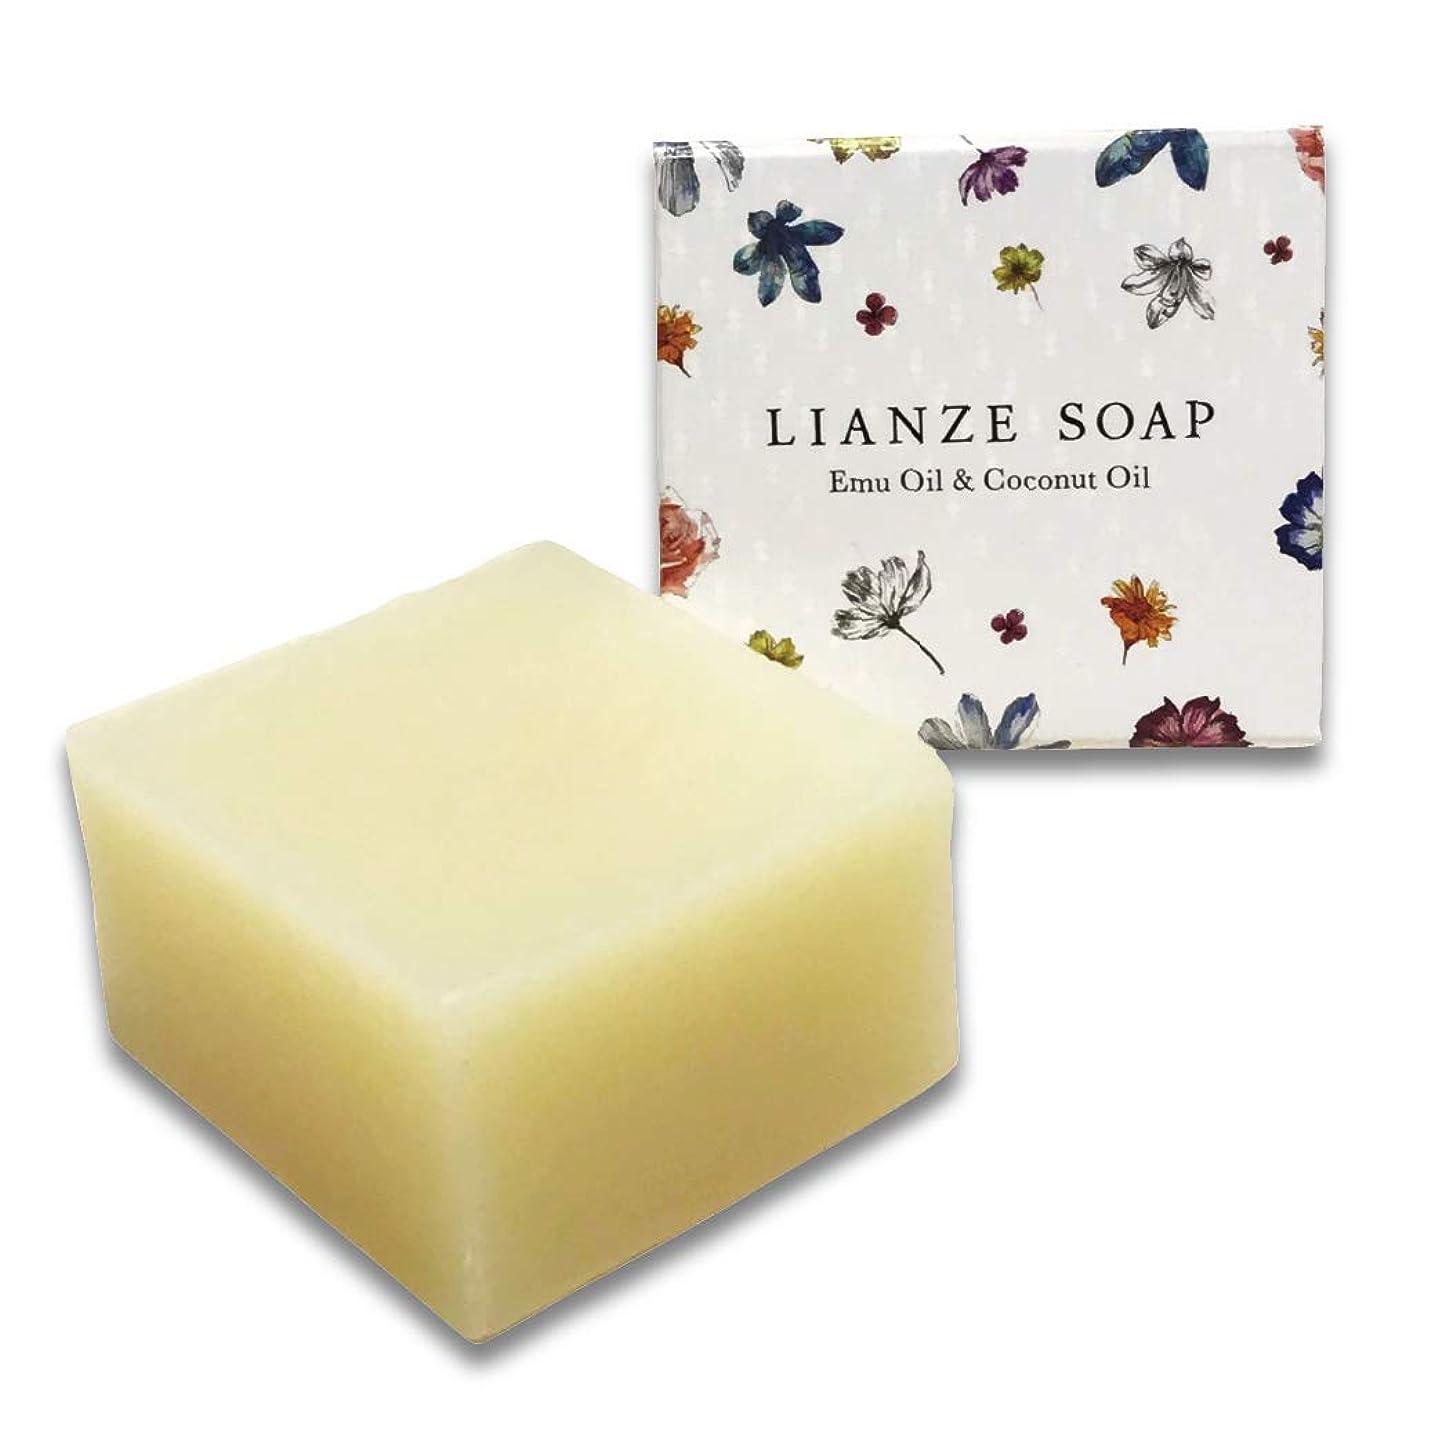 加速度グレーショート洗顔 石鹸 無添加 【 LIANZE SOAP リアンゼソープ  50g 】( 数量限定 トライアル ) エミュー オイル ココナッツ オイル 父の日 誕生日 プレゼント ギフト に